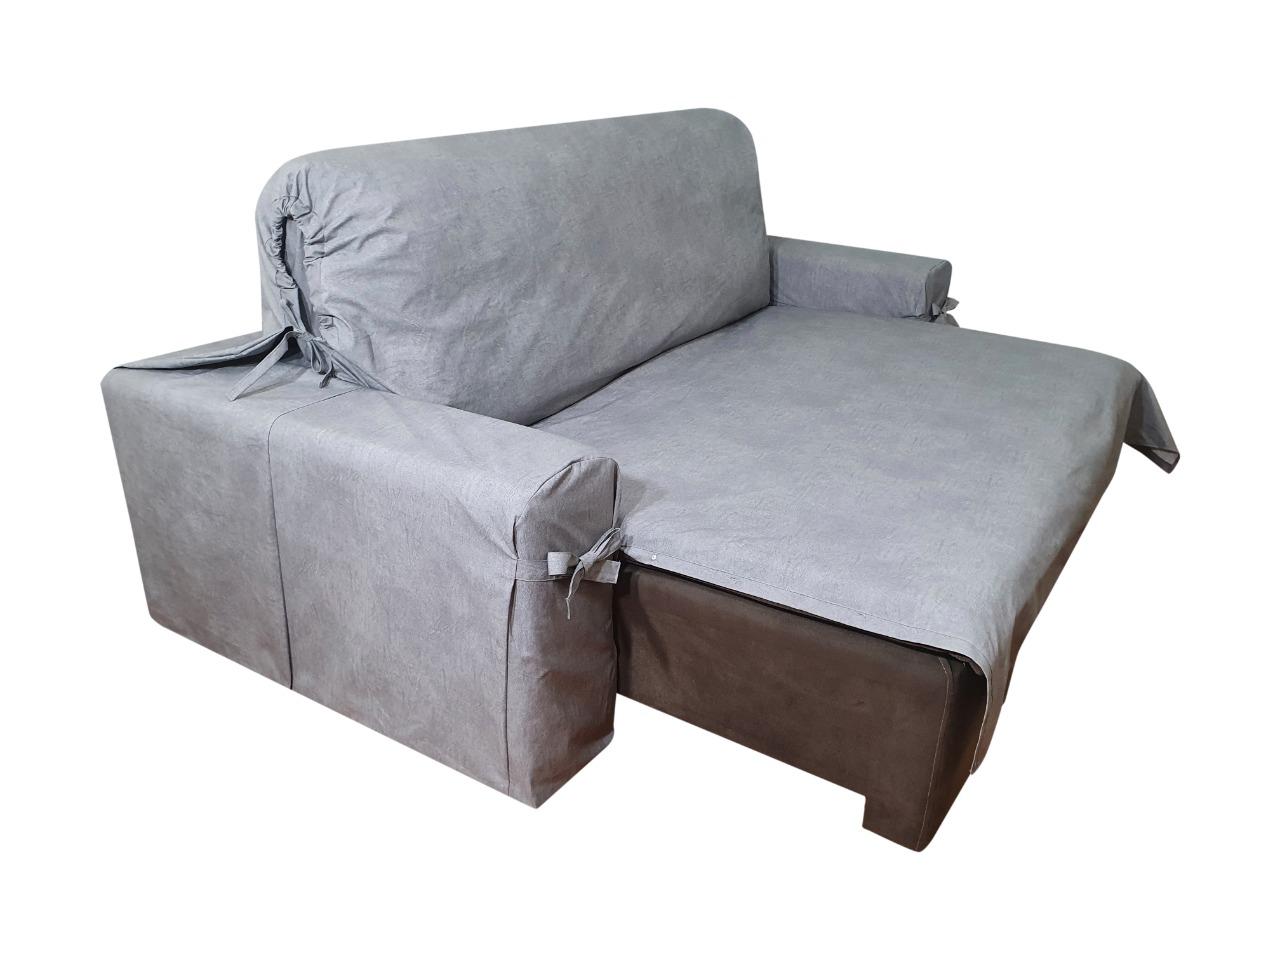 Capa p/ Sofá Retrátil e Reclinável em Acquablock Impermeável GRAFITE - Veste Sofás de 2,96m até 3,25m